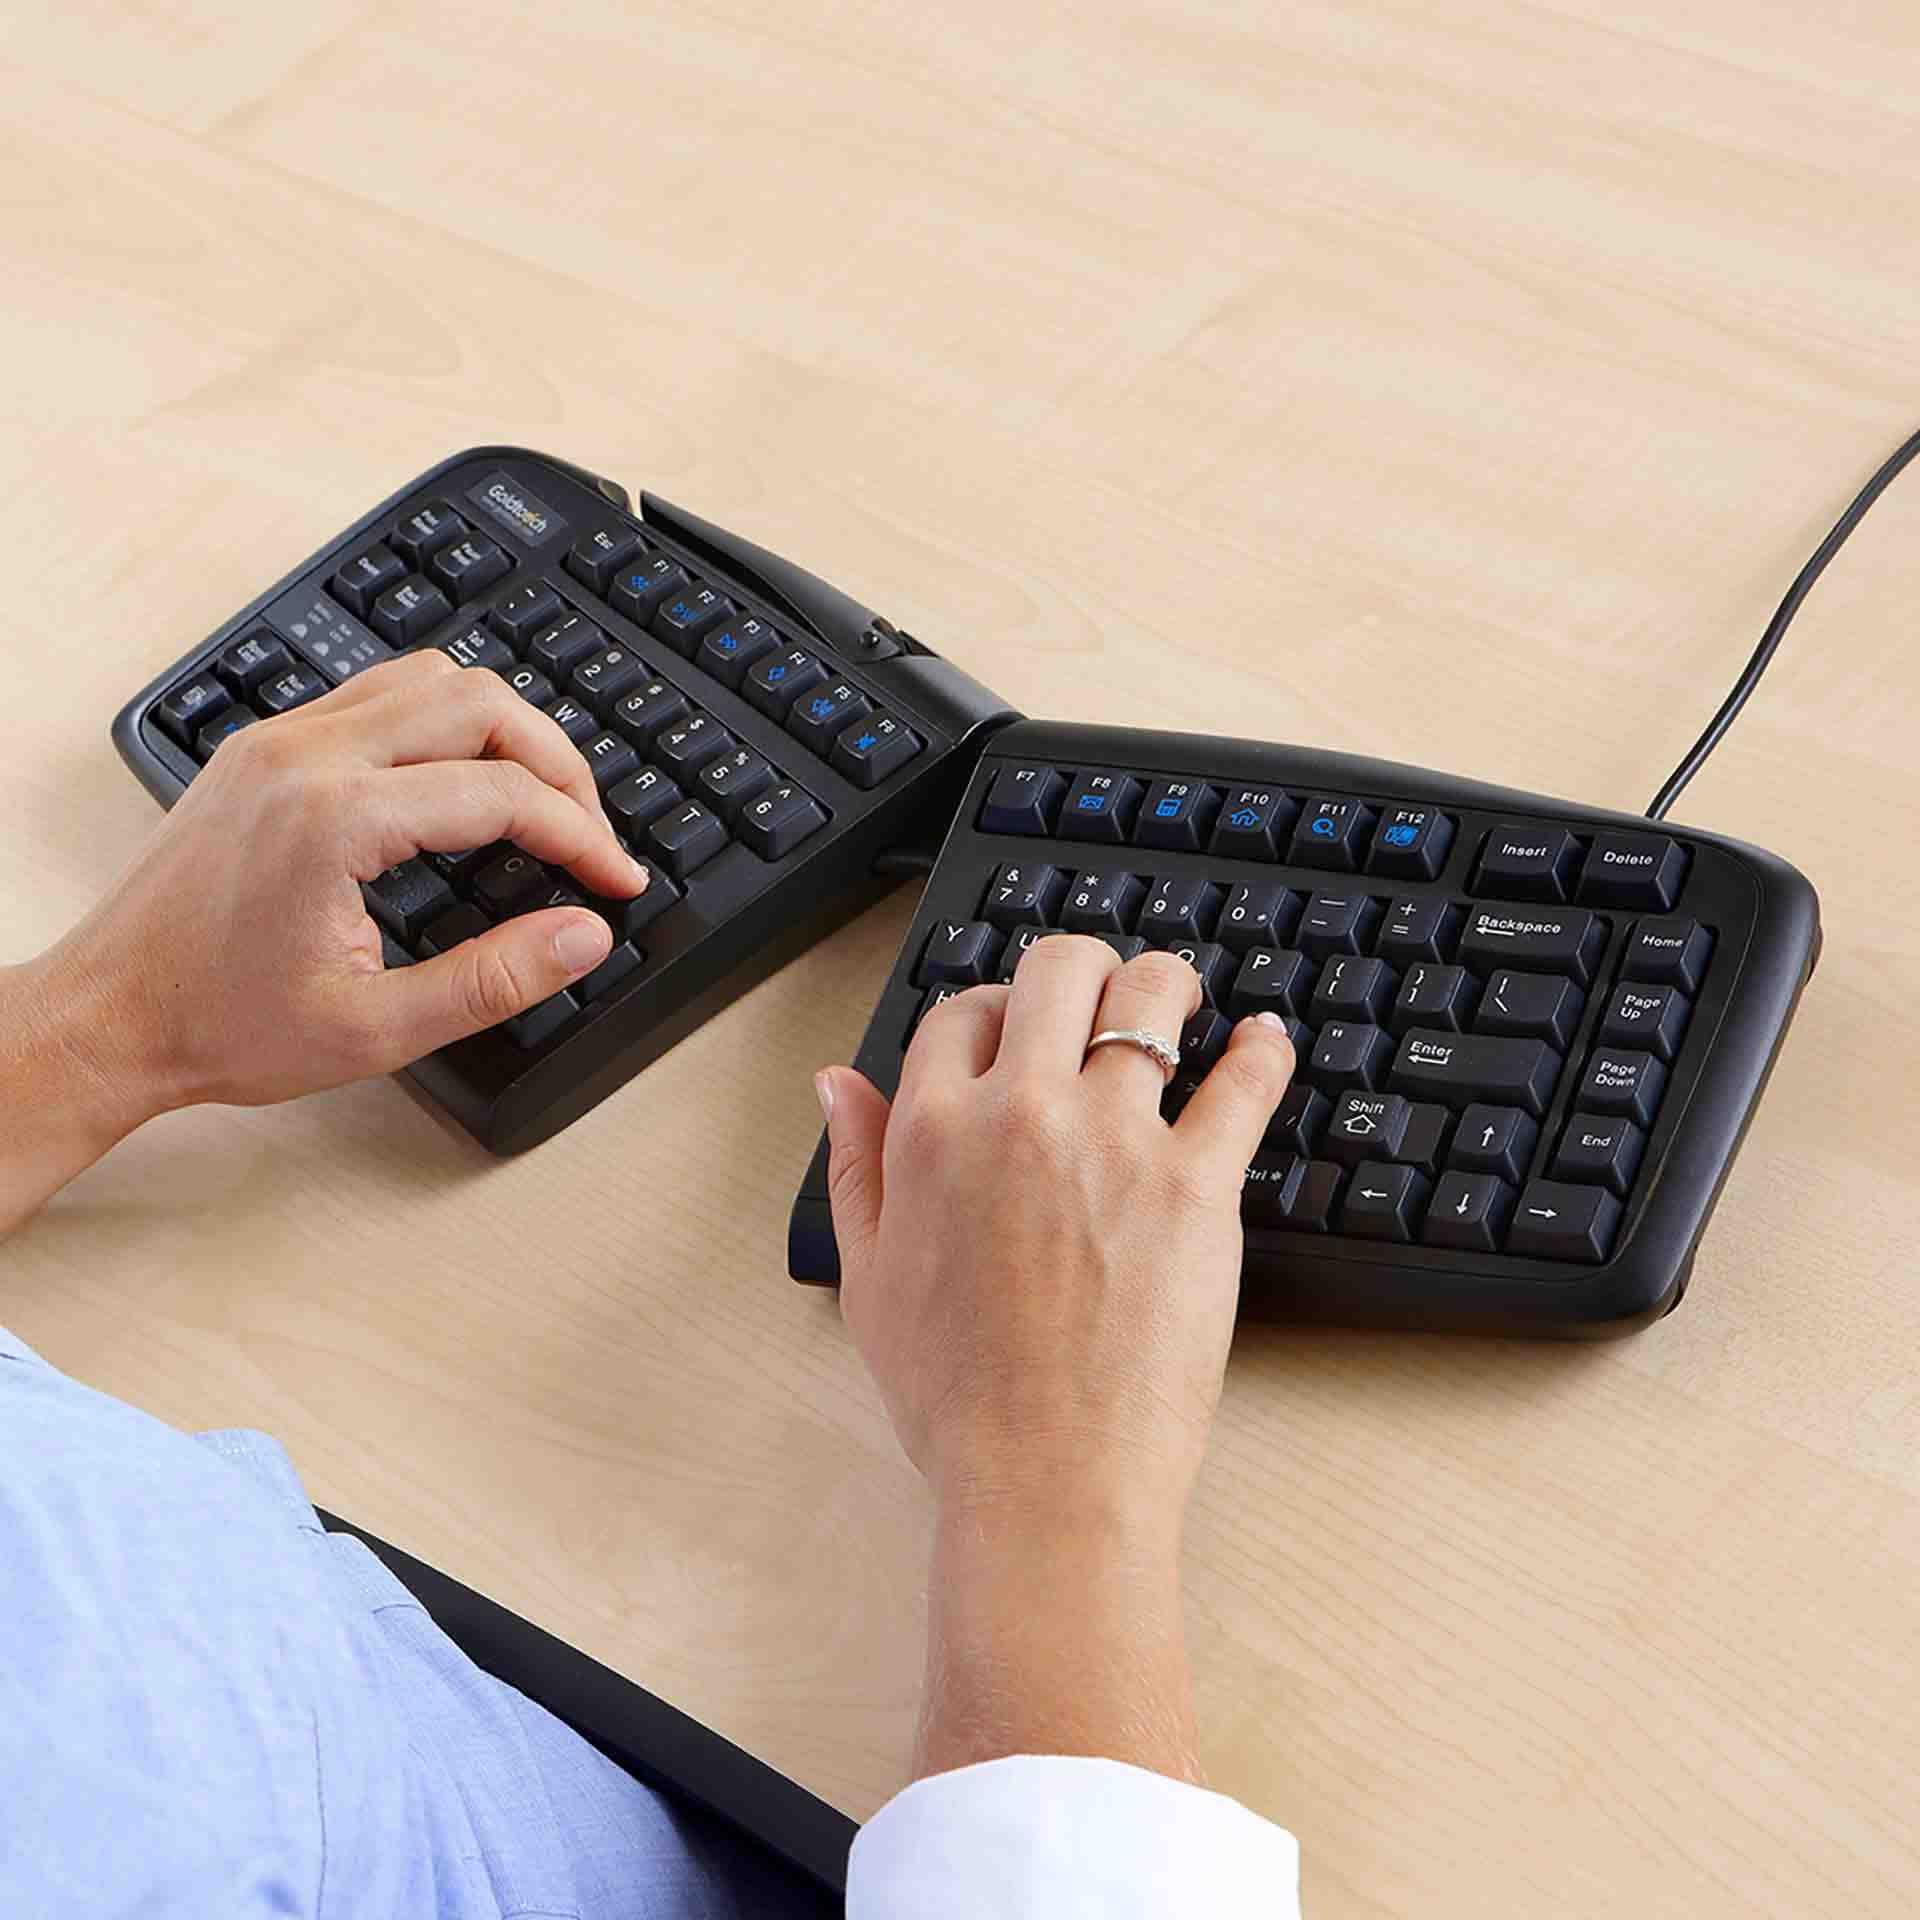 Goldtouch adjustable v2 toetsenbord ERKAGOL300 0002 Omgeving